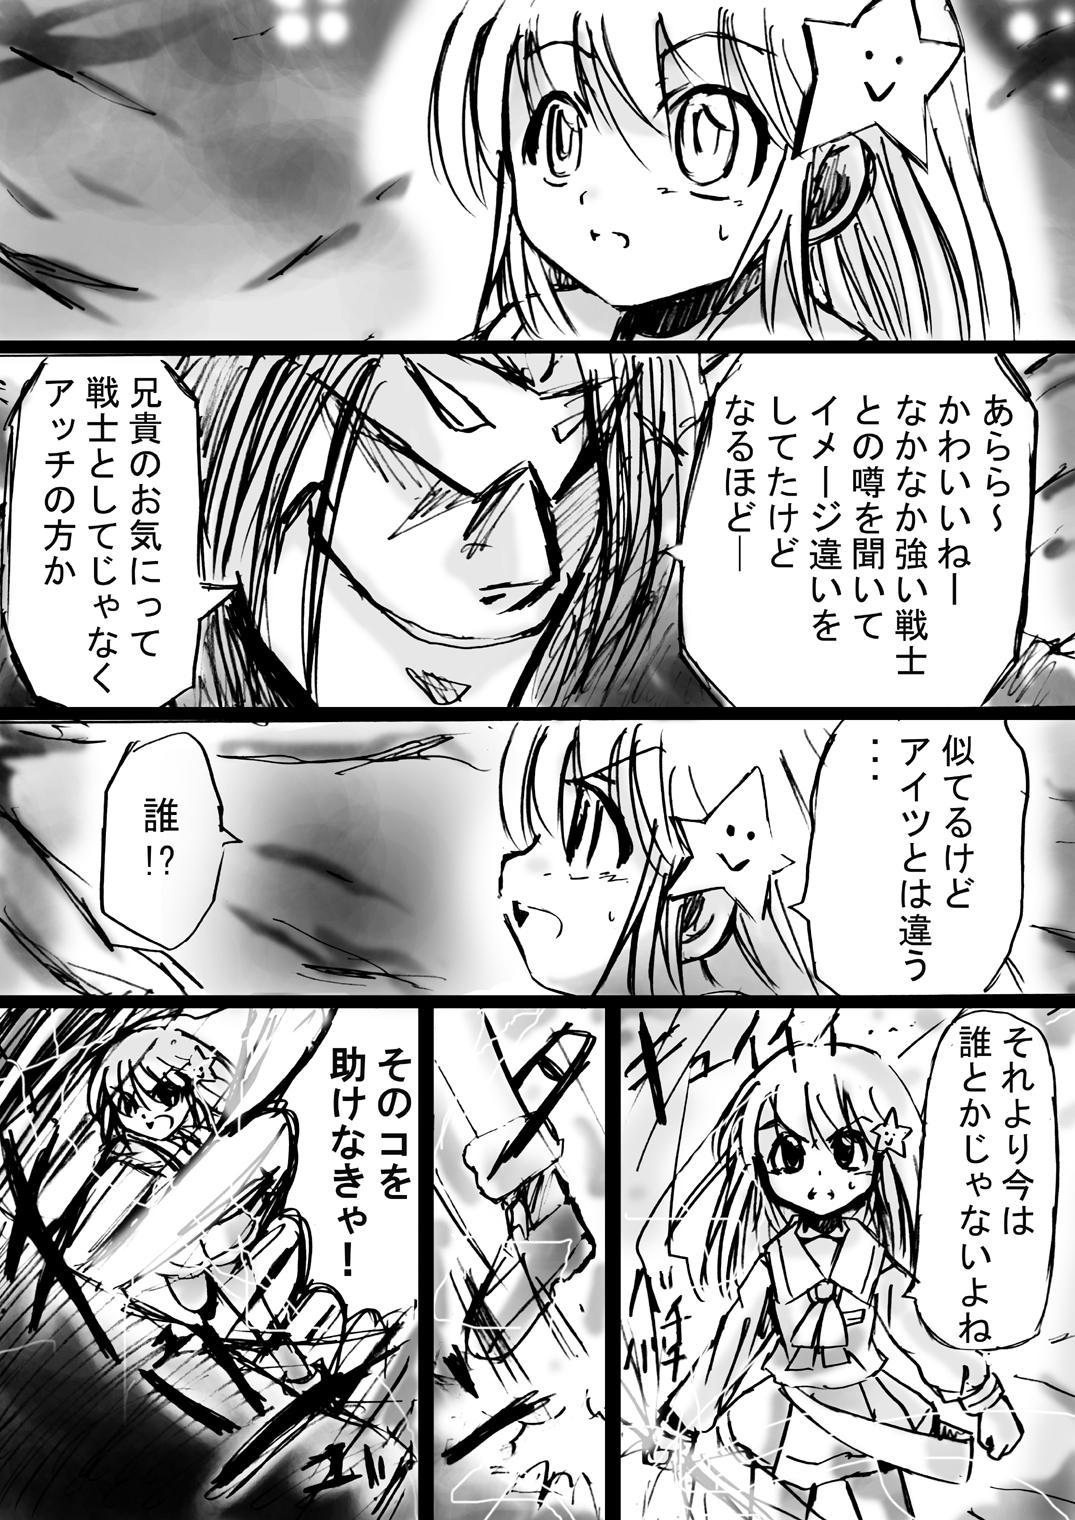 [Dende] Fushigi Sekai -Mystery World- Nonoha 5 ~Jokuma no Kyouniku no Tainai Shinshoku~ 32